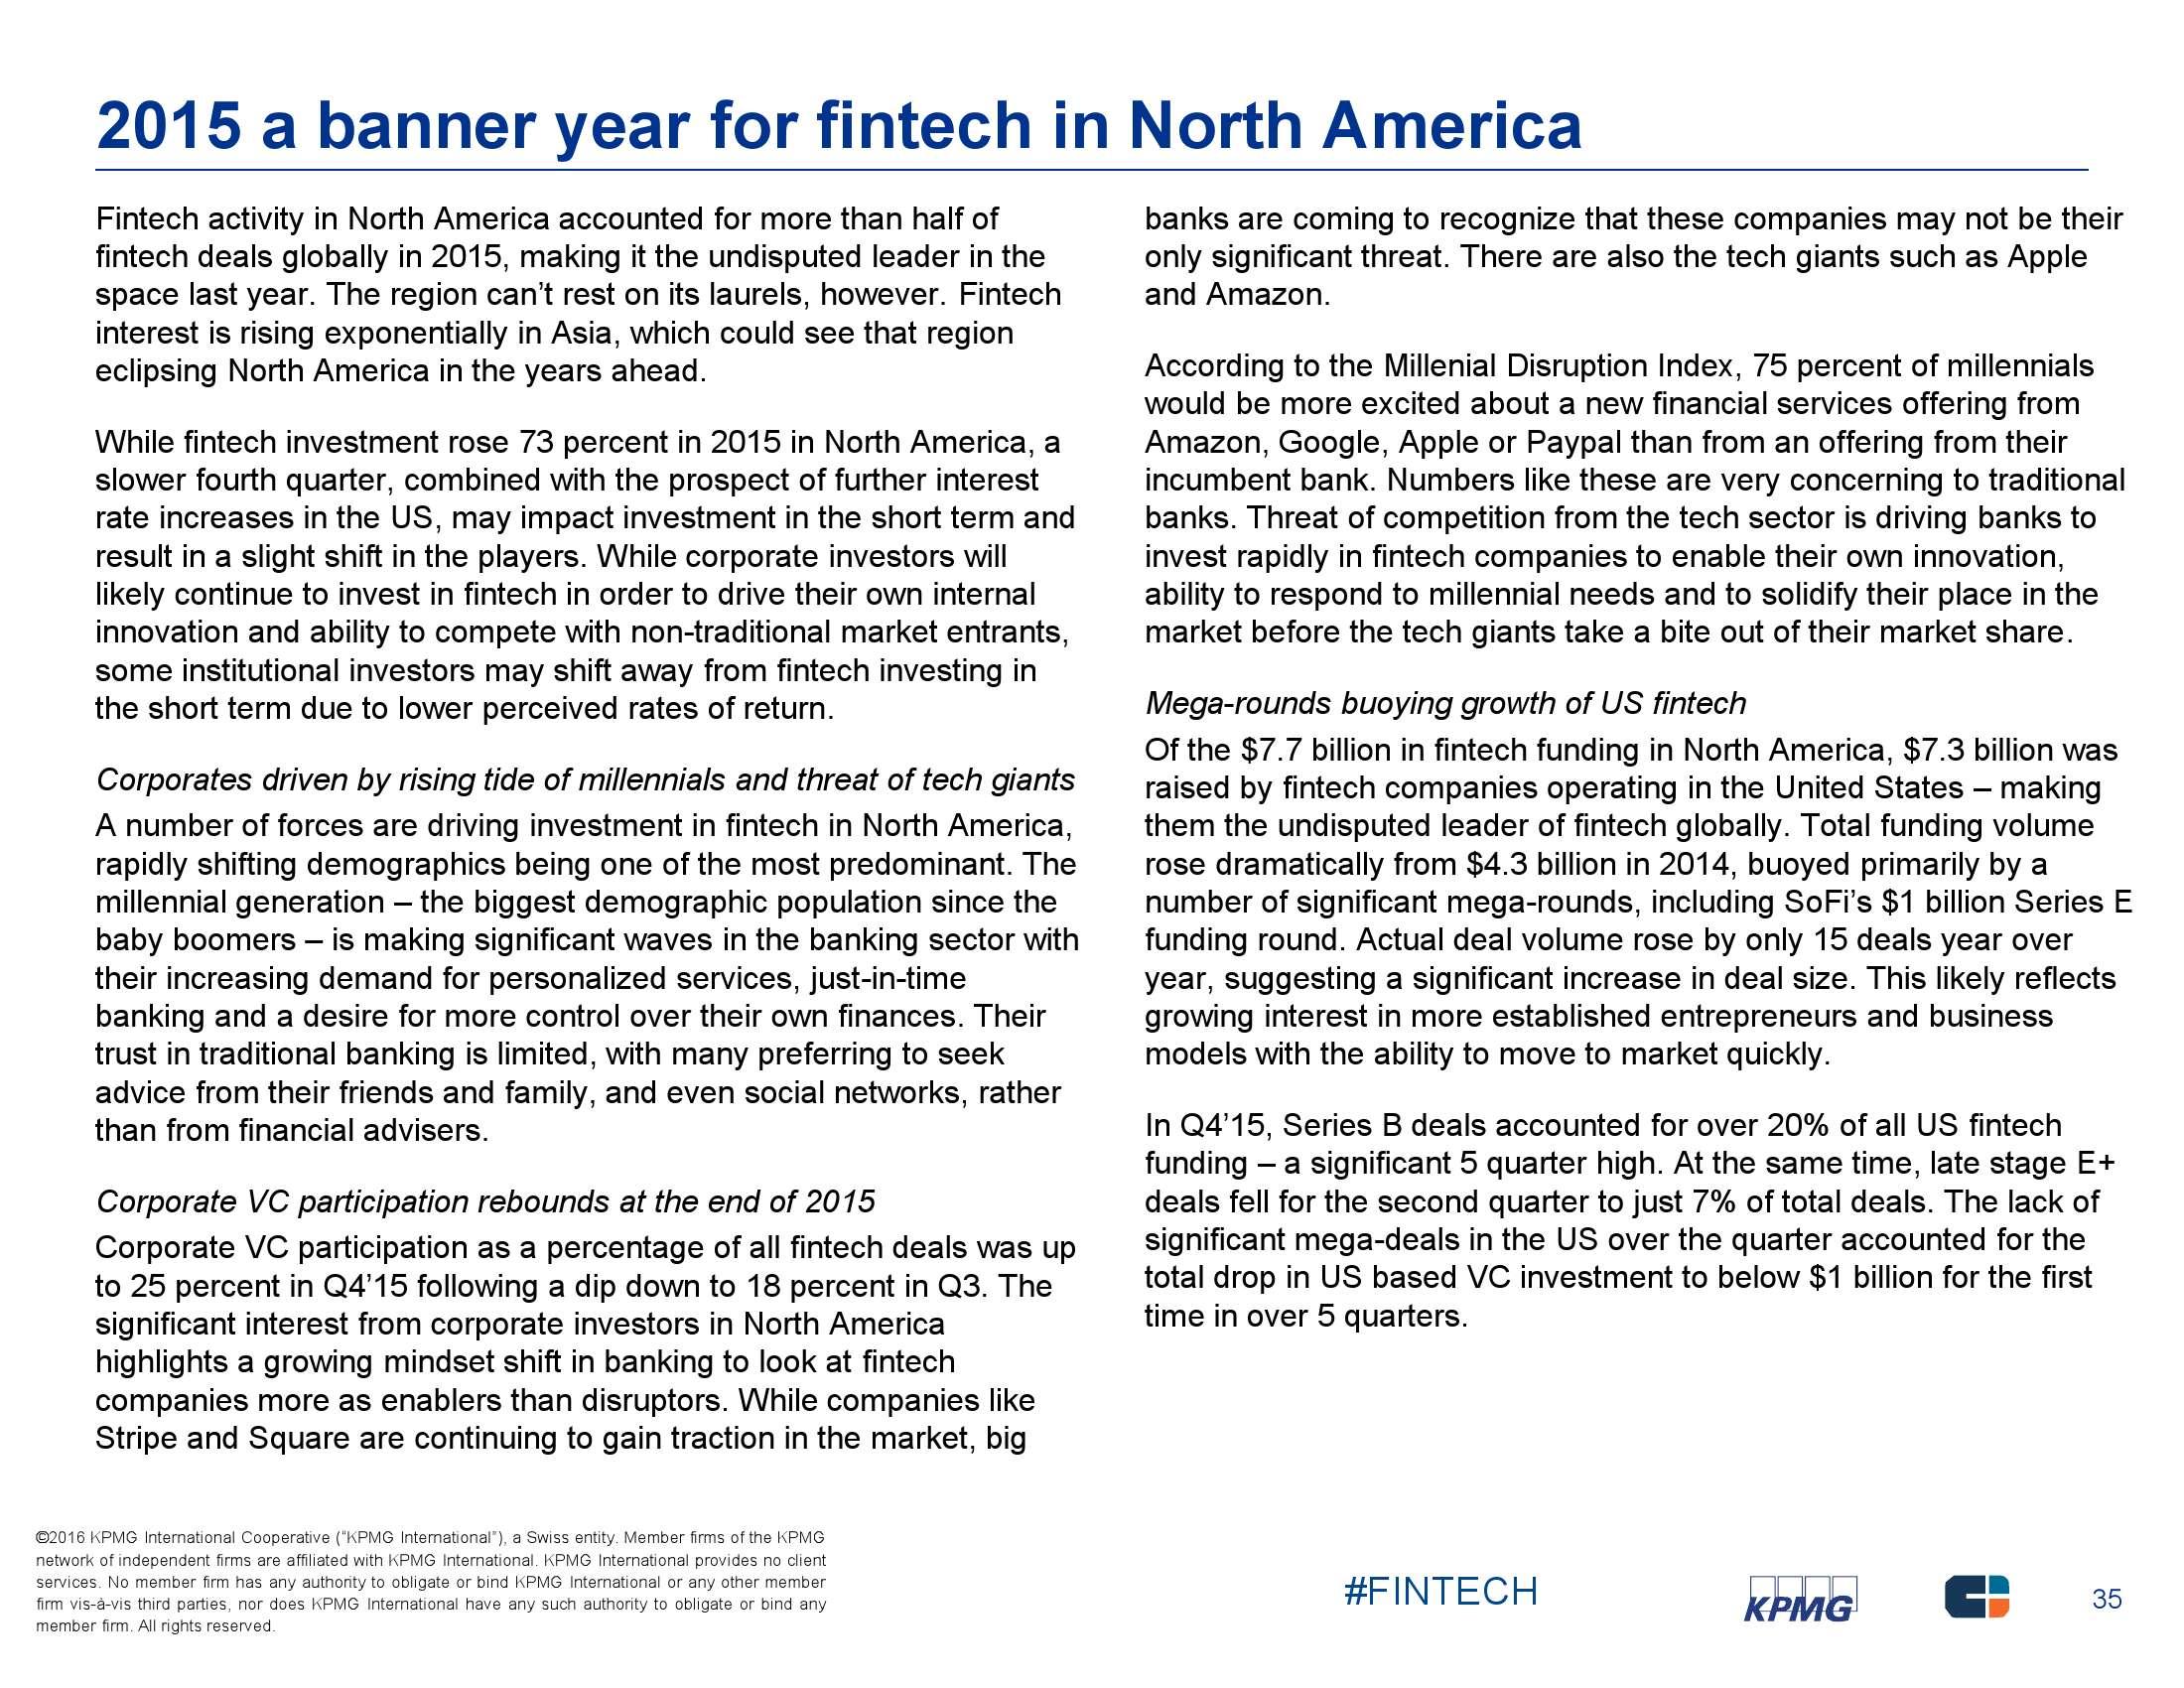 毕马威:2015年全球互联网金融报告_000035